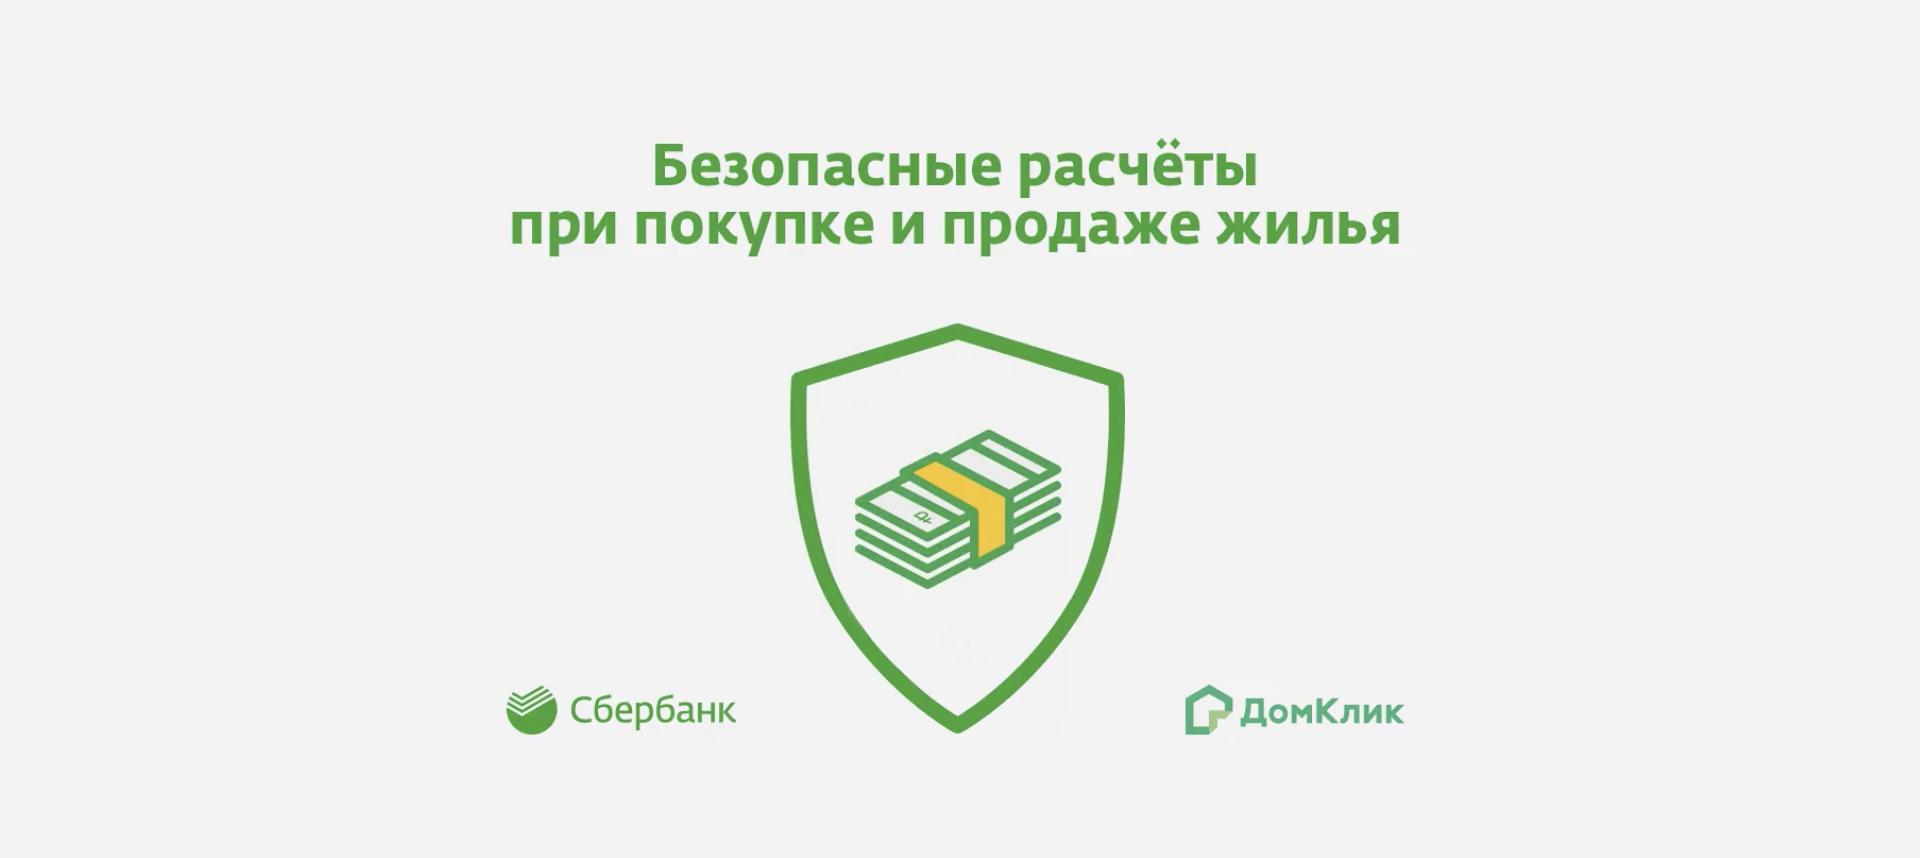 Безопасные расчеты при покупке продаже квартиры через сбербанк